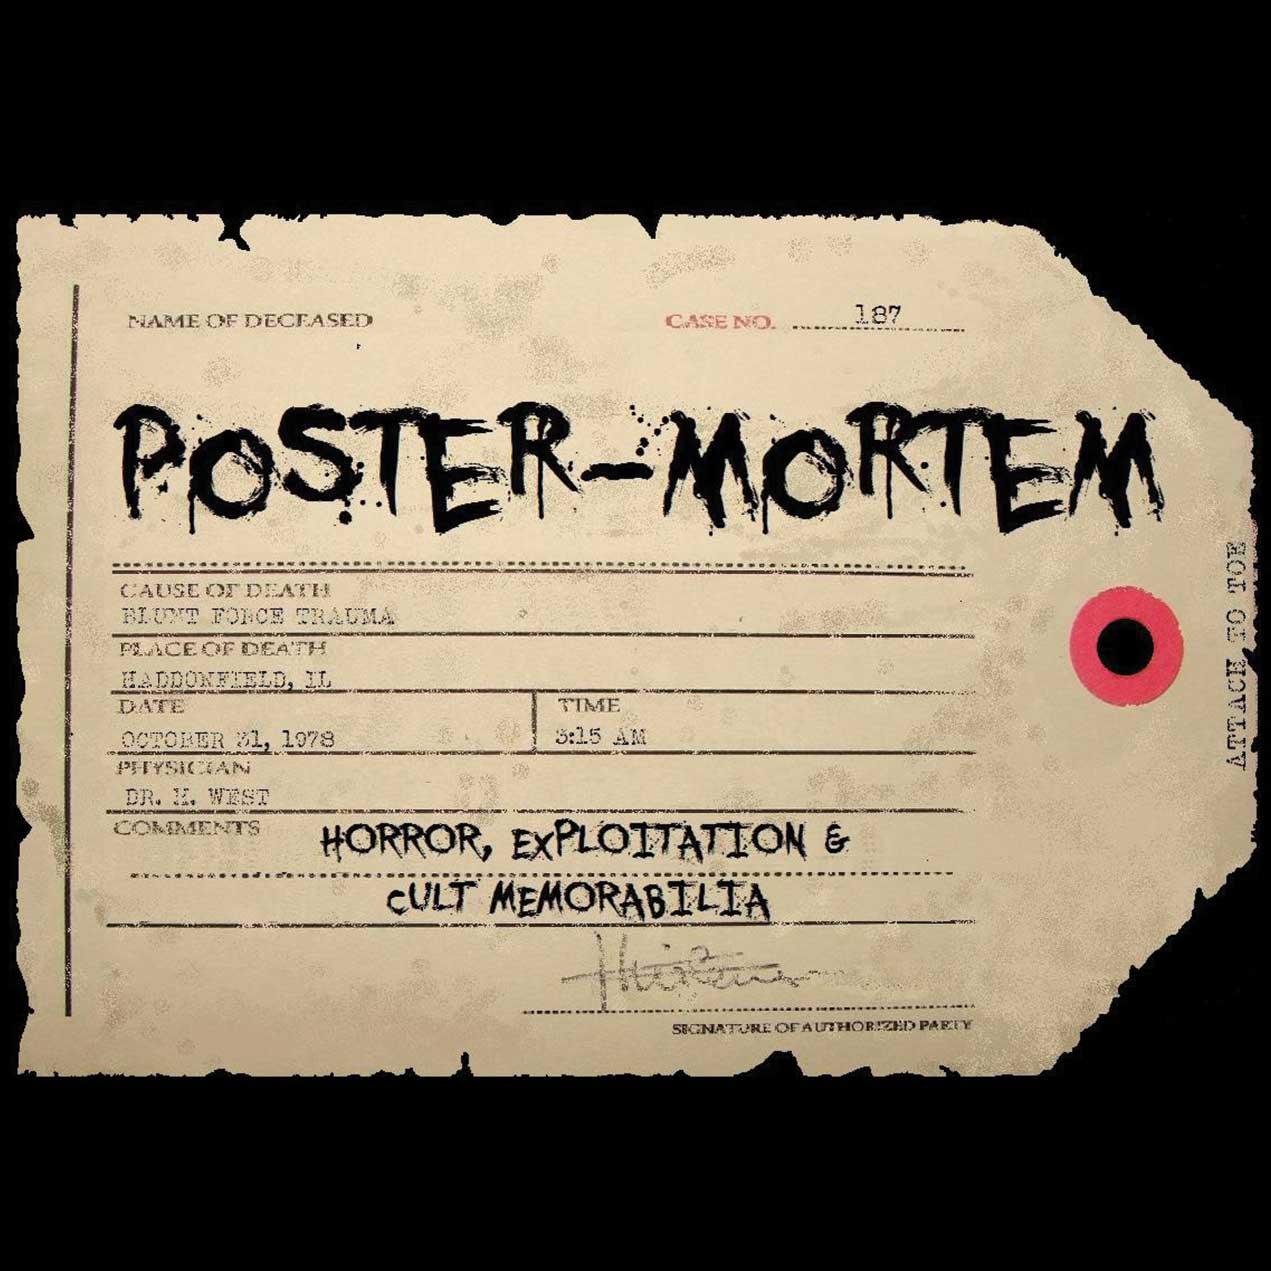 Poster-Mortem